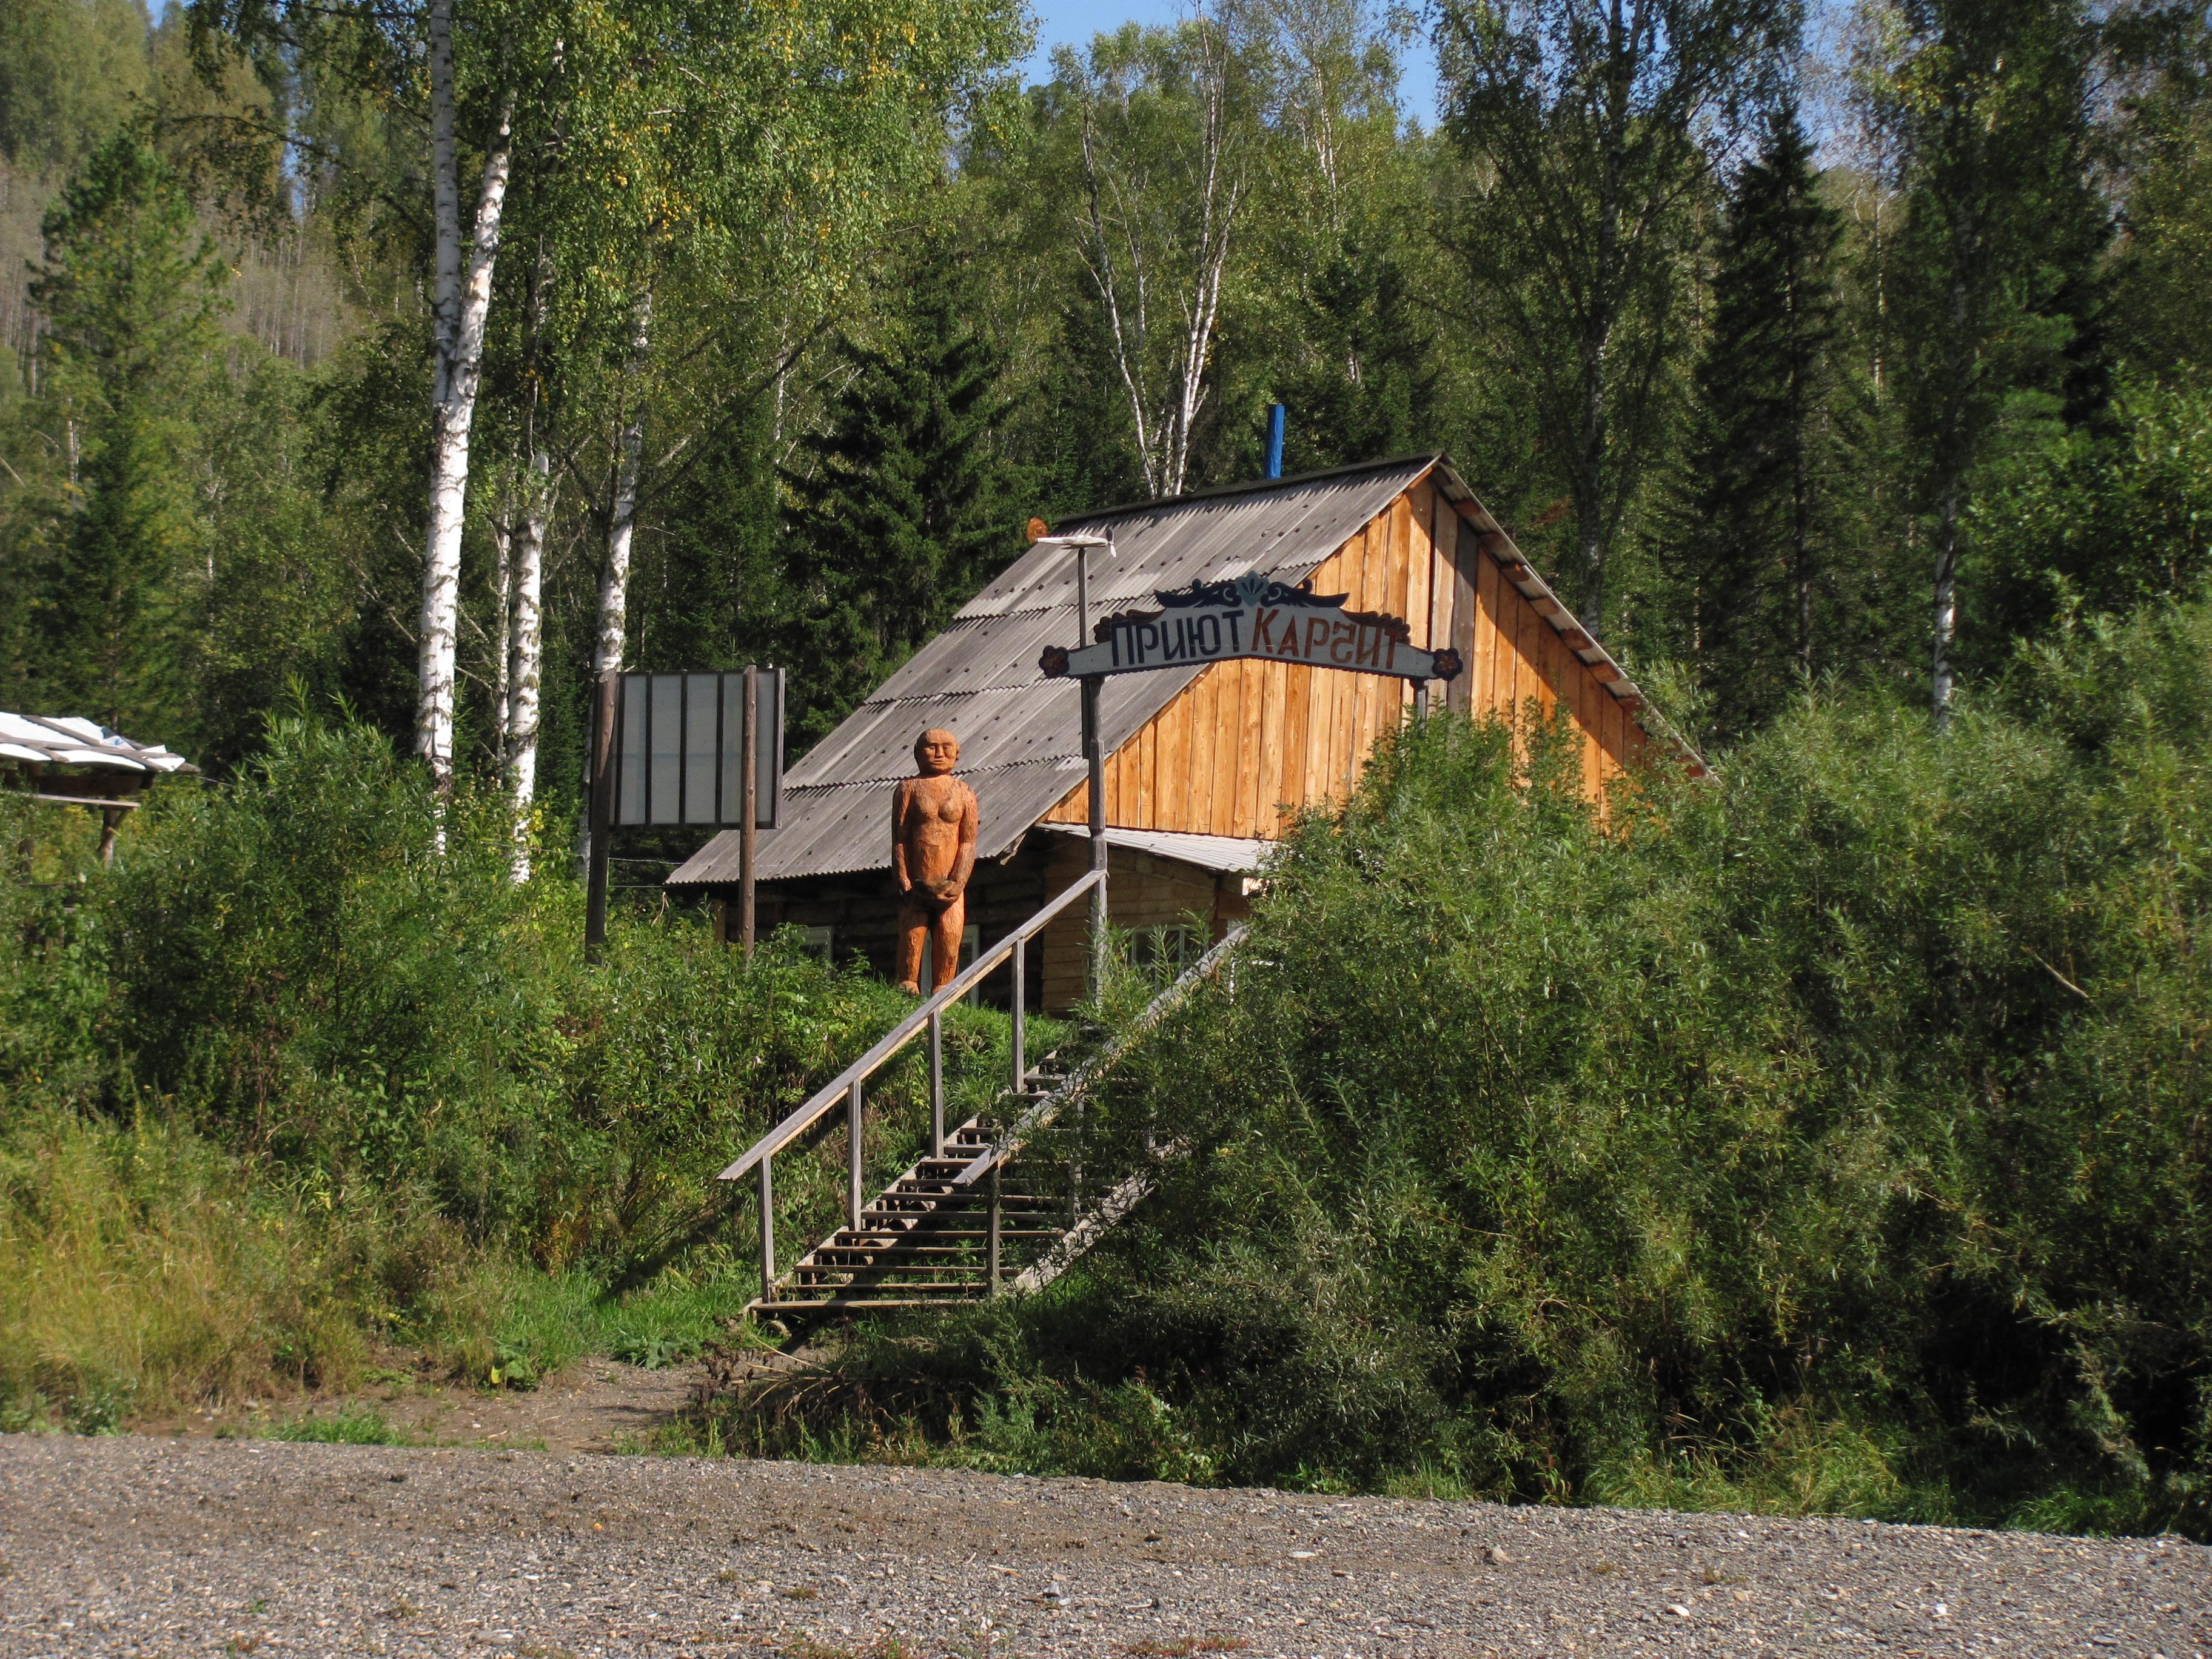 Кордон «Карчит». Шорский национальный парк, Россия. Фотография http://static.panoramio.com/photos/original/65358052.jpg.